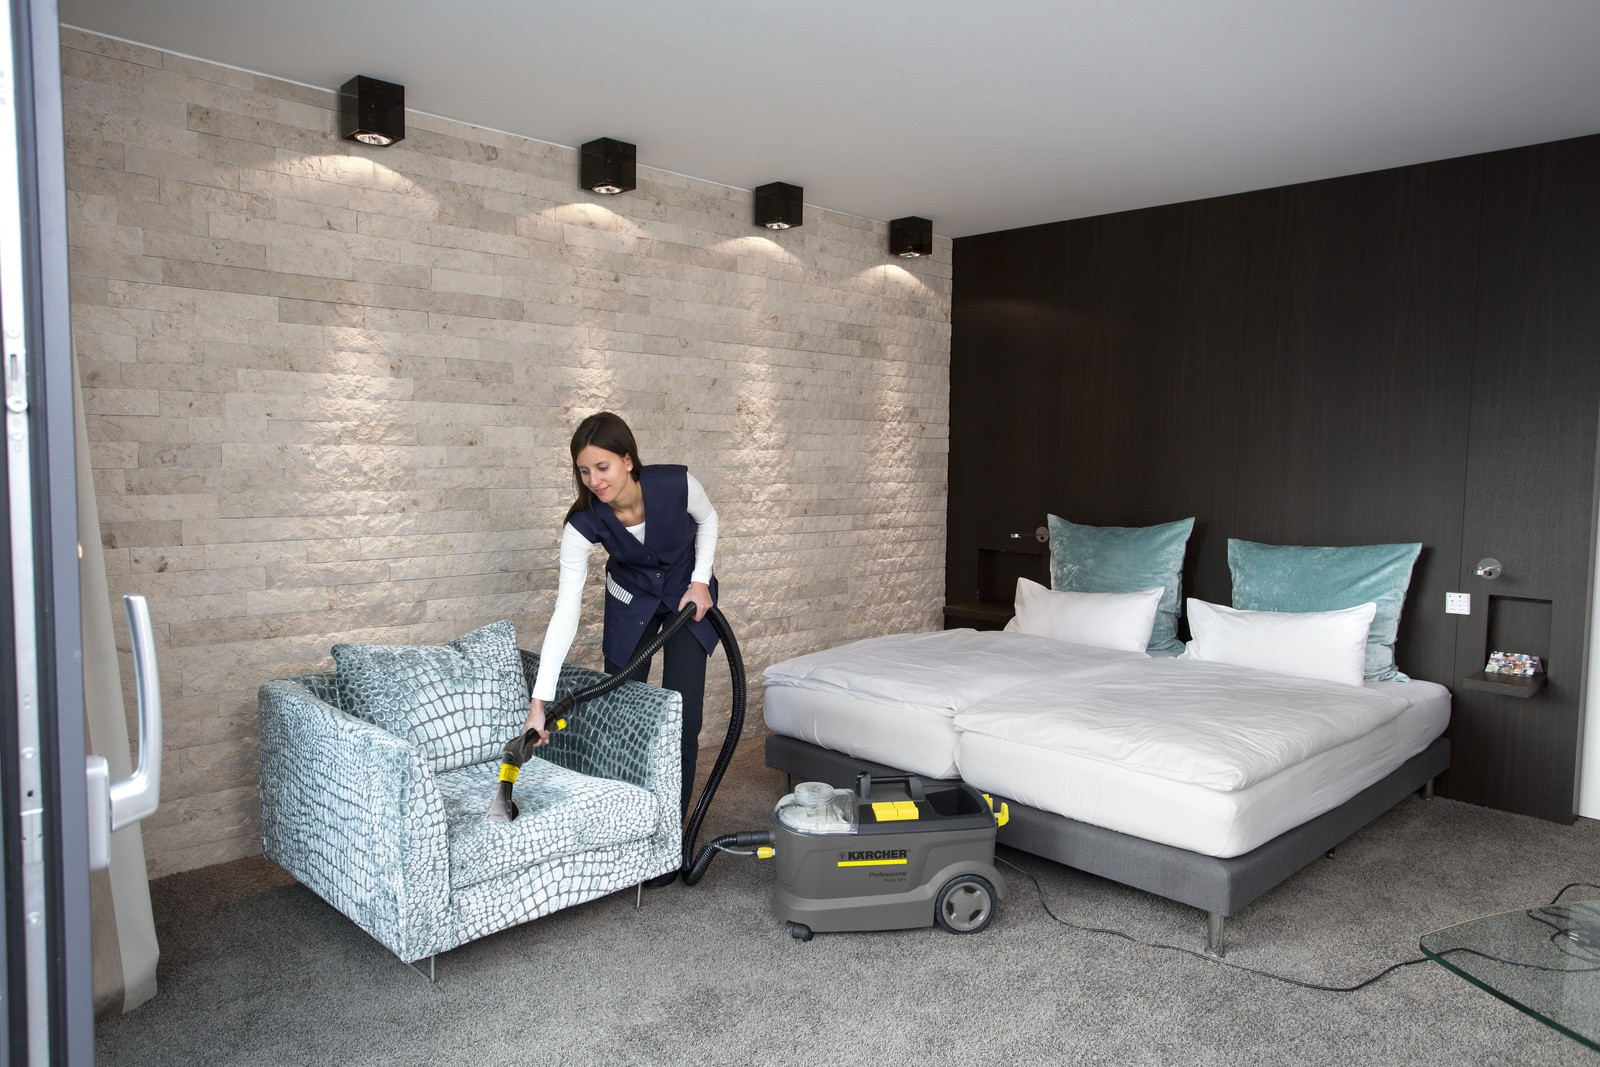 Karcher-carpet-cleaner